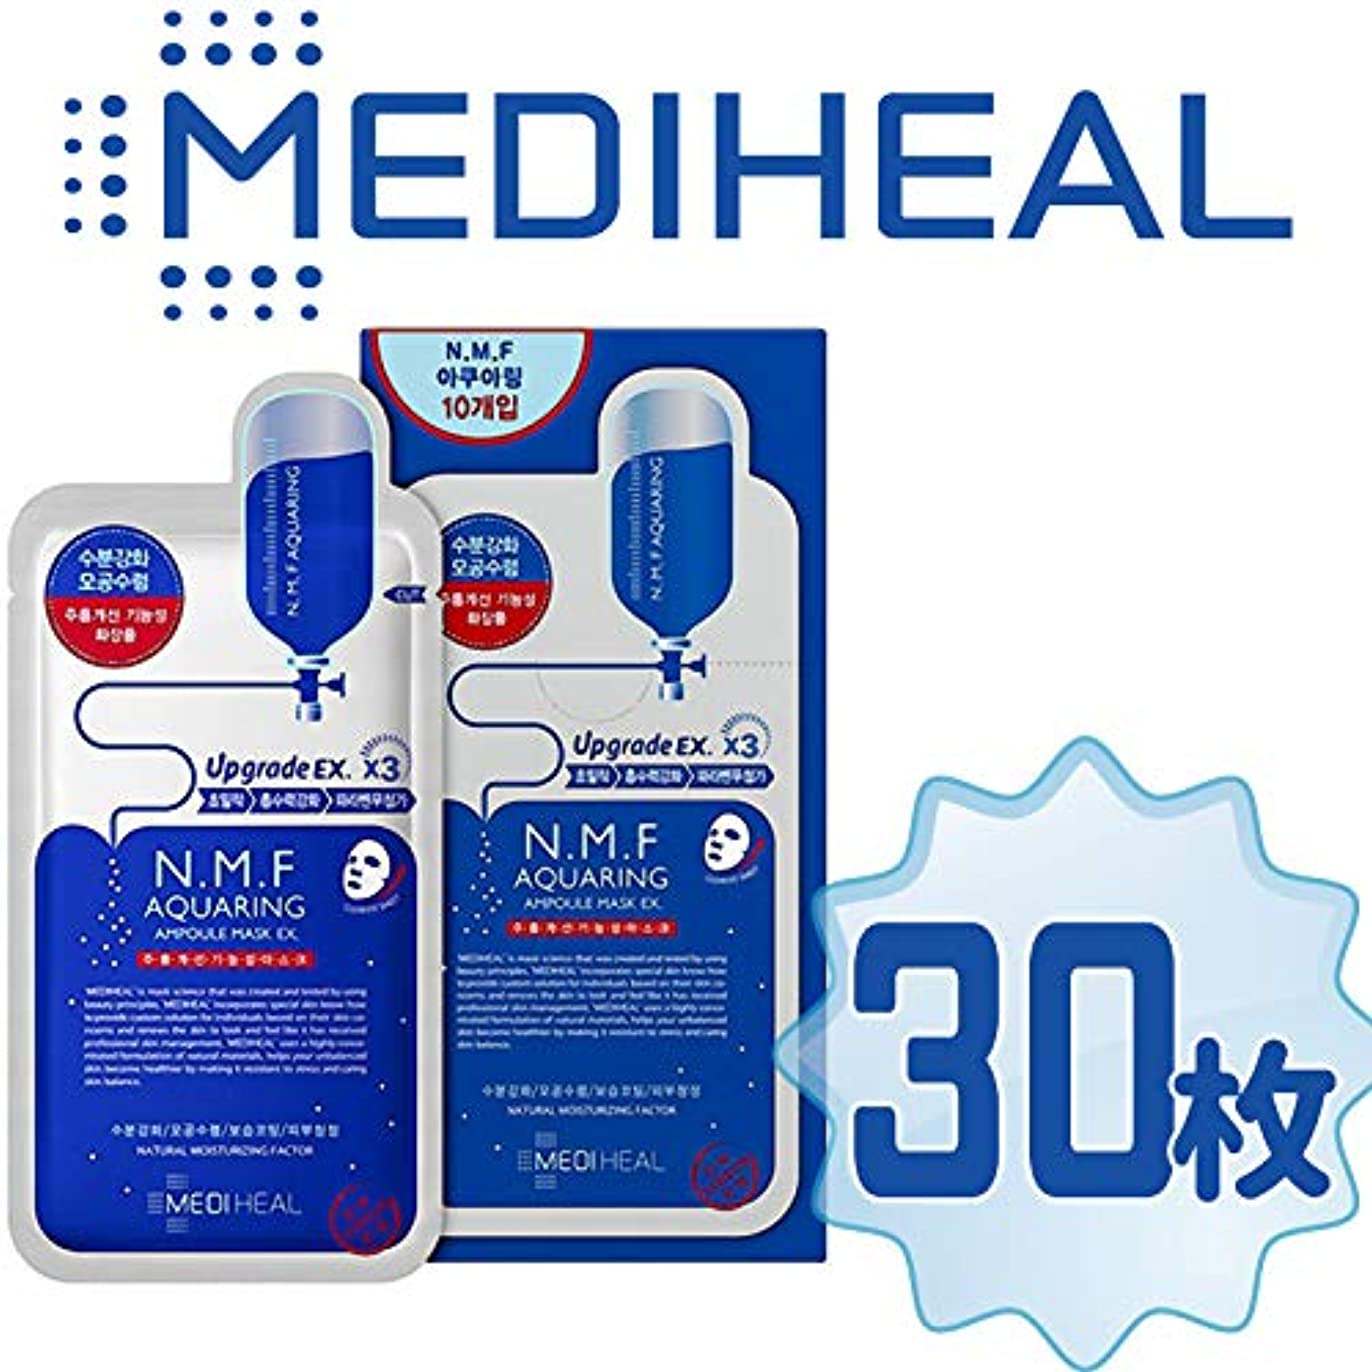 無効神学校シロクマ【正規輸入品】Mediheal メディヒール N.M.F アクアリング アンプル?マスクパックEX 10枚入り×3(Aquaring Ampoule Essential Mask PackEX 1box(10sheet)×3